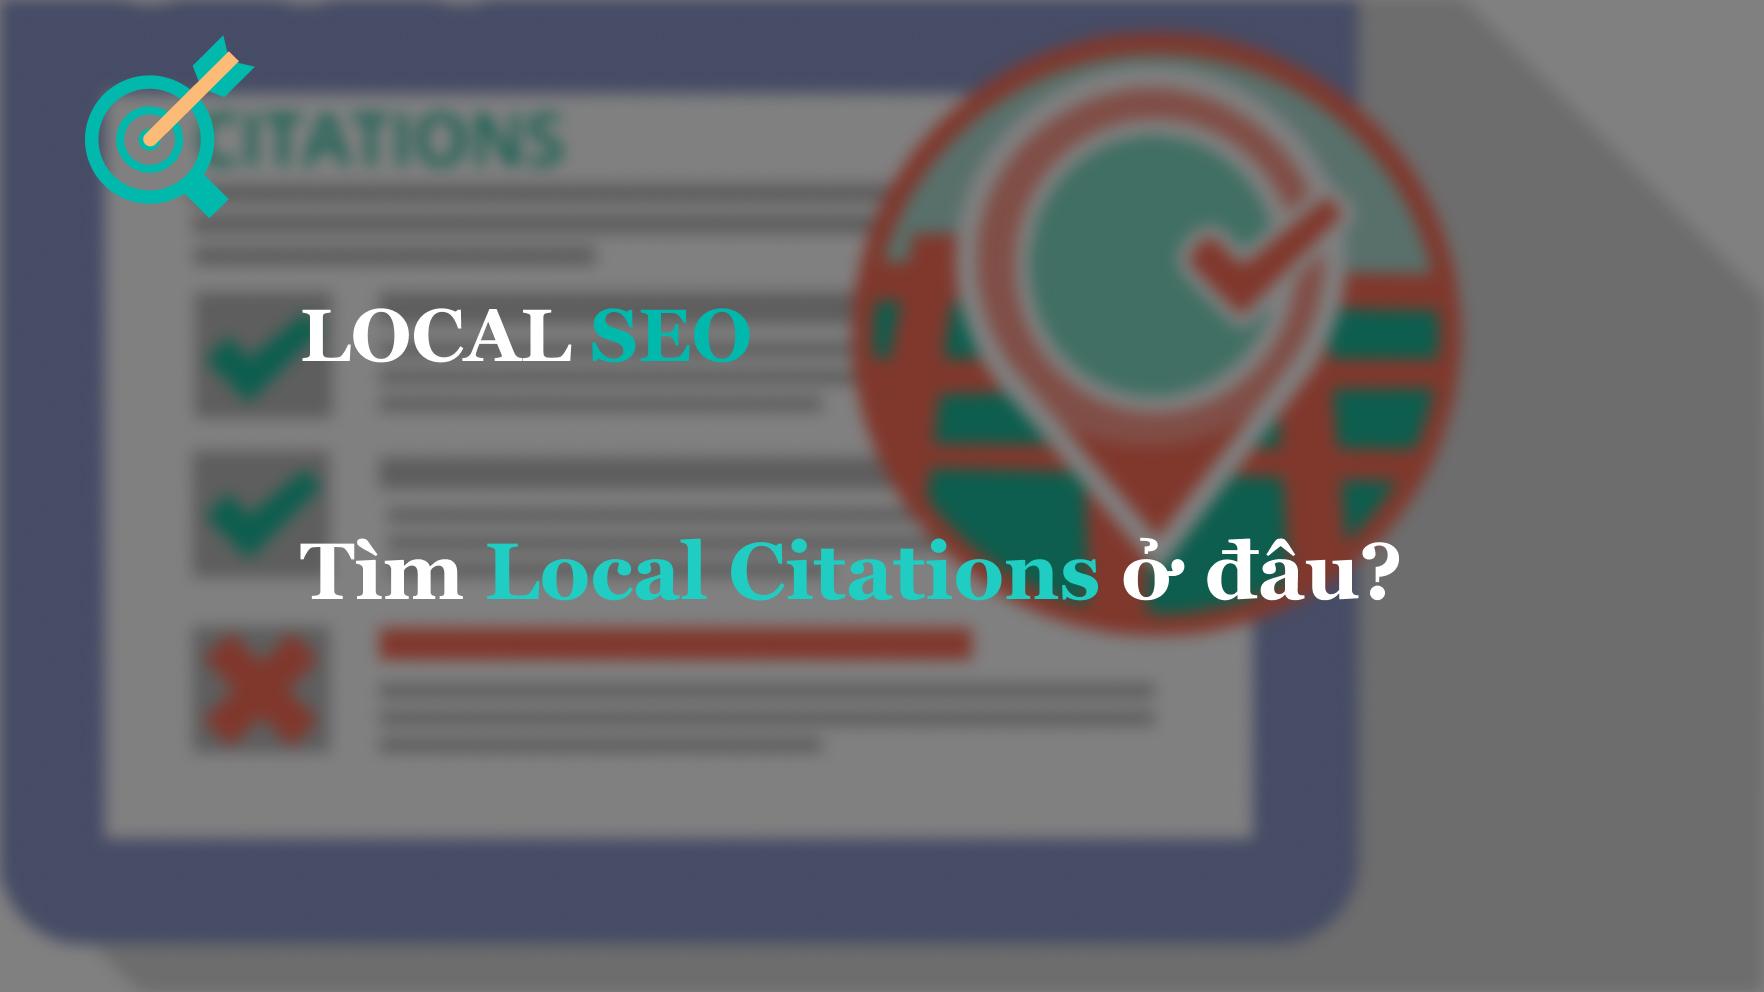 Tìm Local Citations ở đâu?